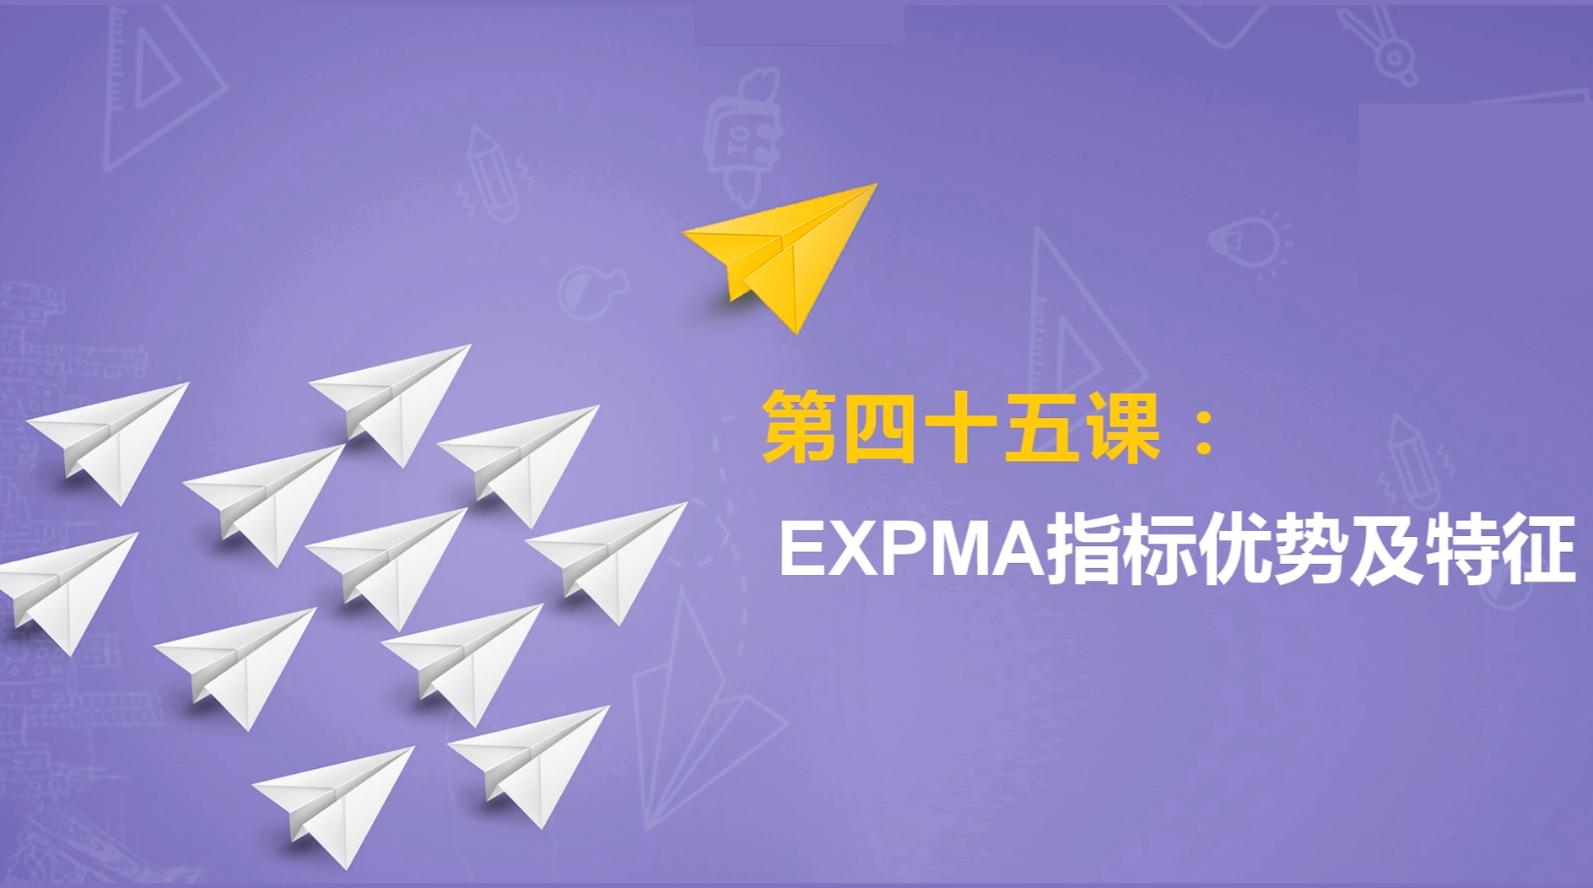 小白课堂45课:EXPMA指标优势,三大特征特征及注意事项